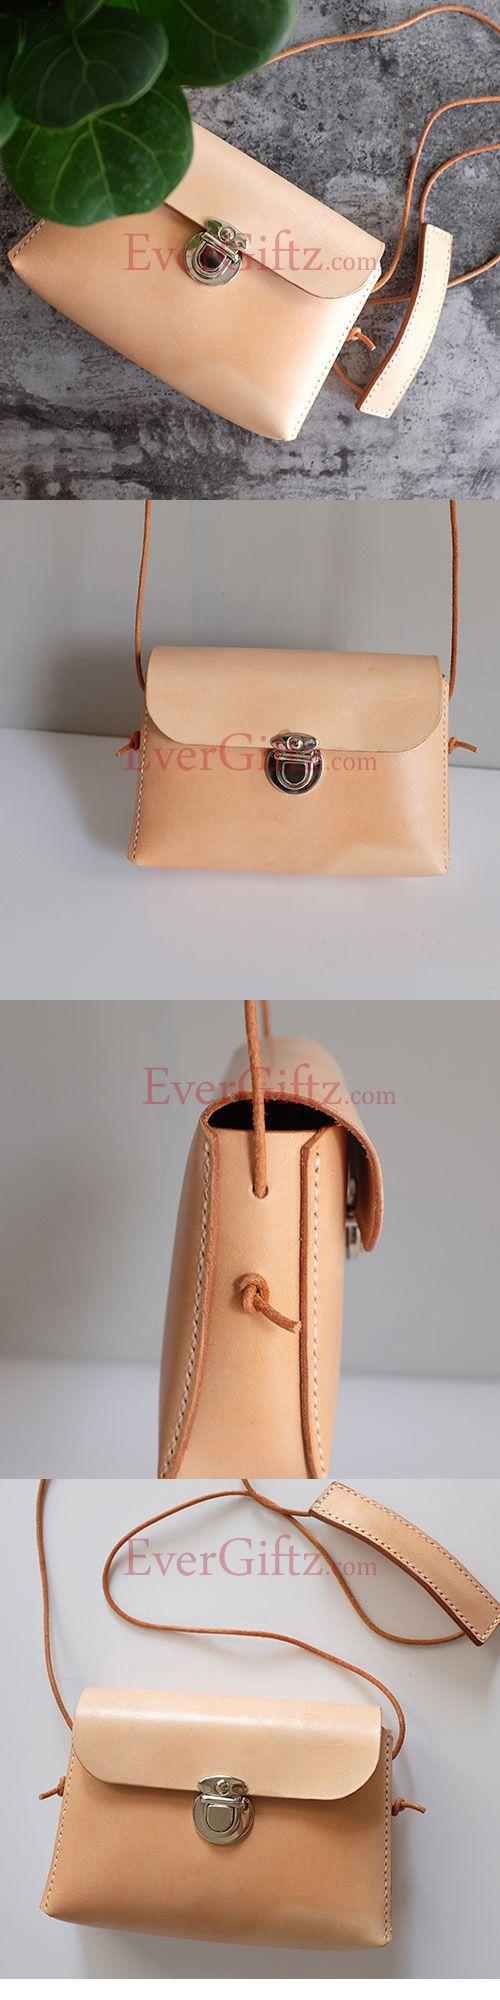 Handmade Leather vintage handmade shoulder bag crossbody bag